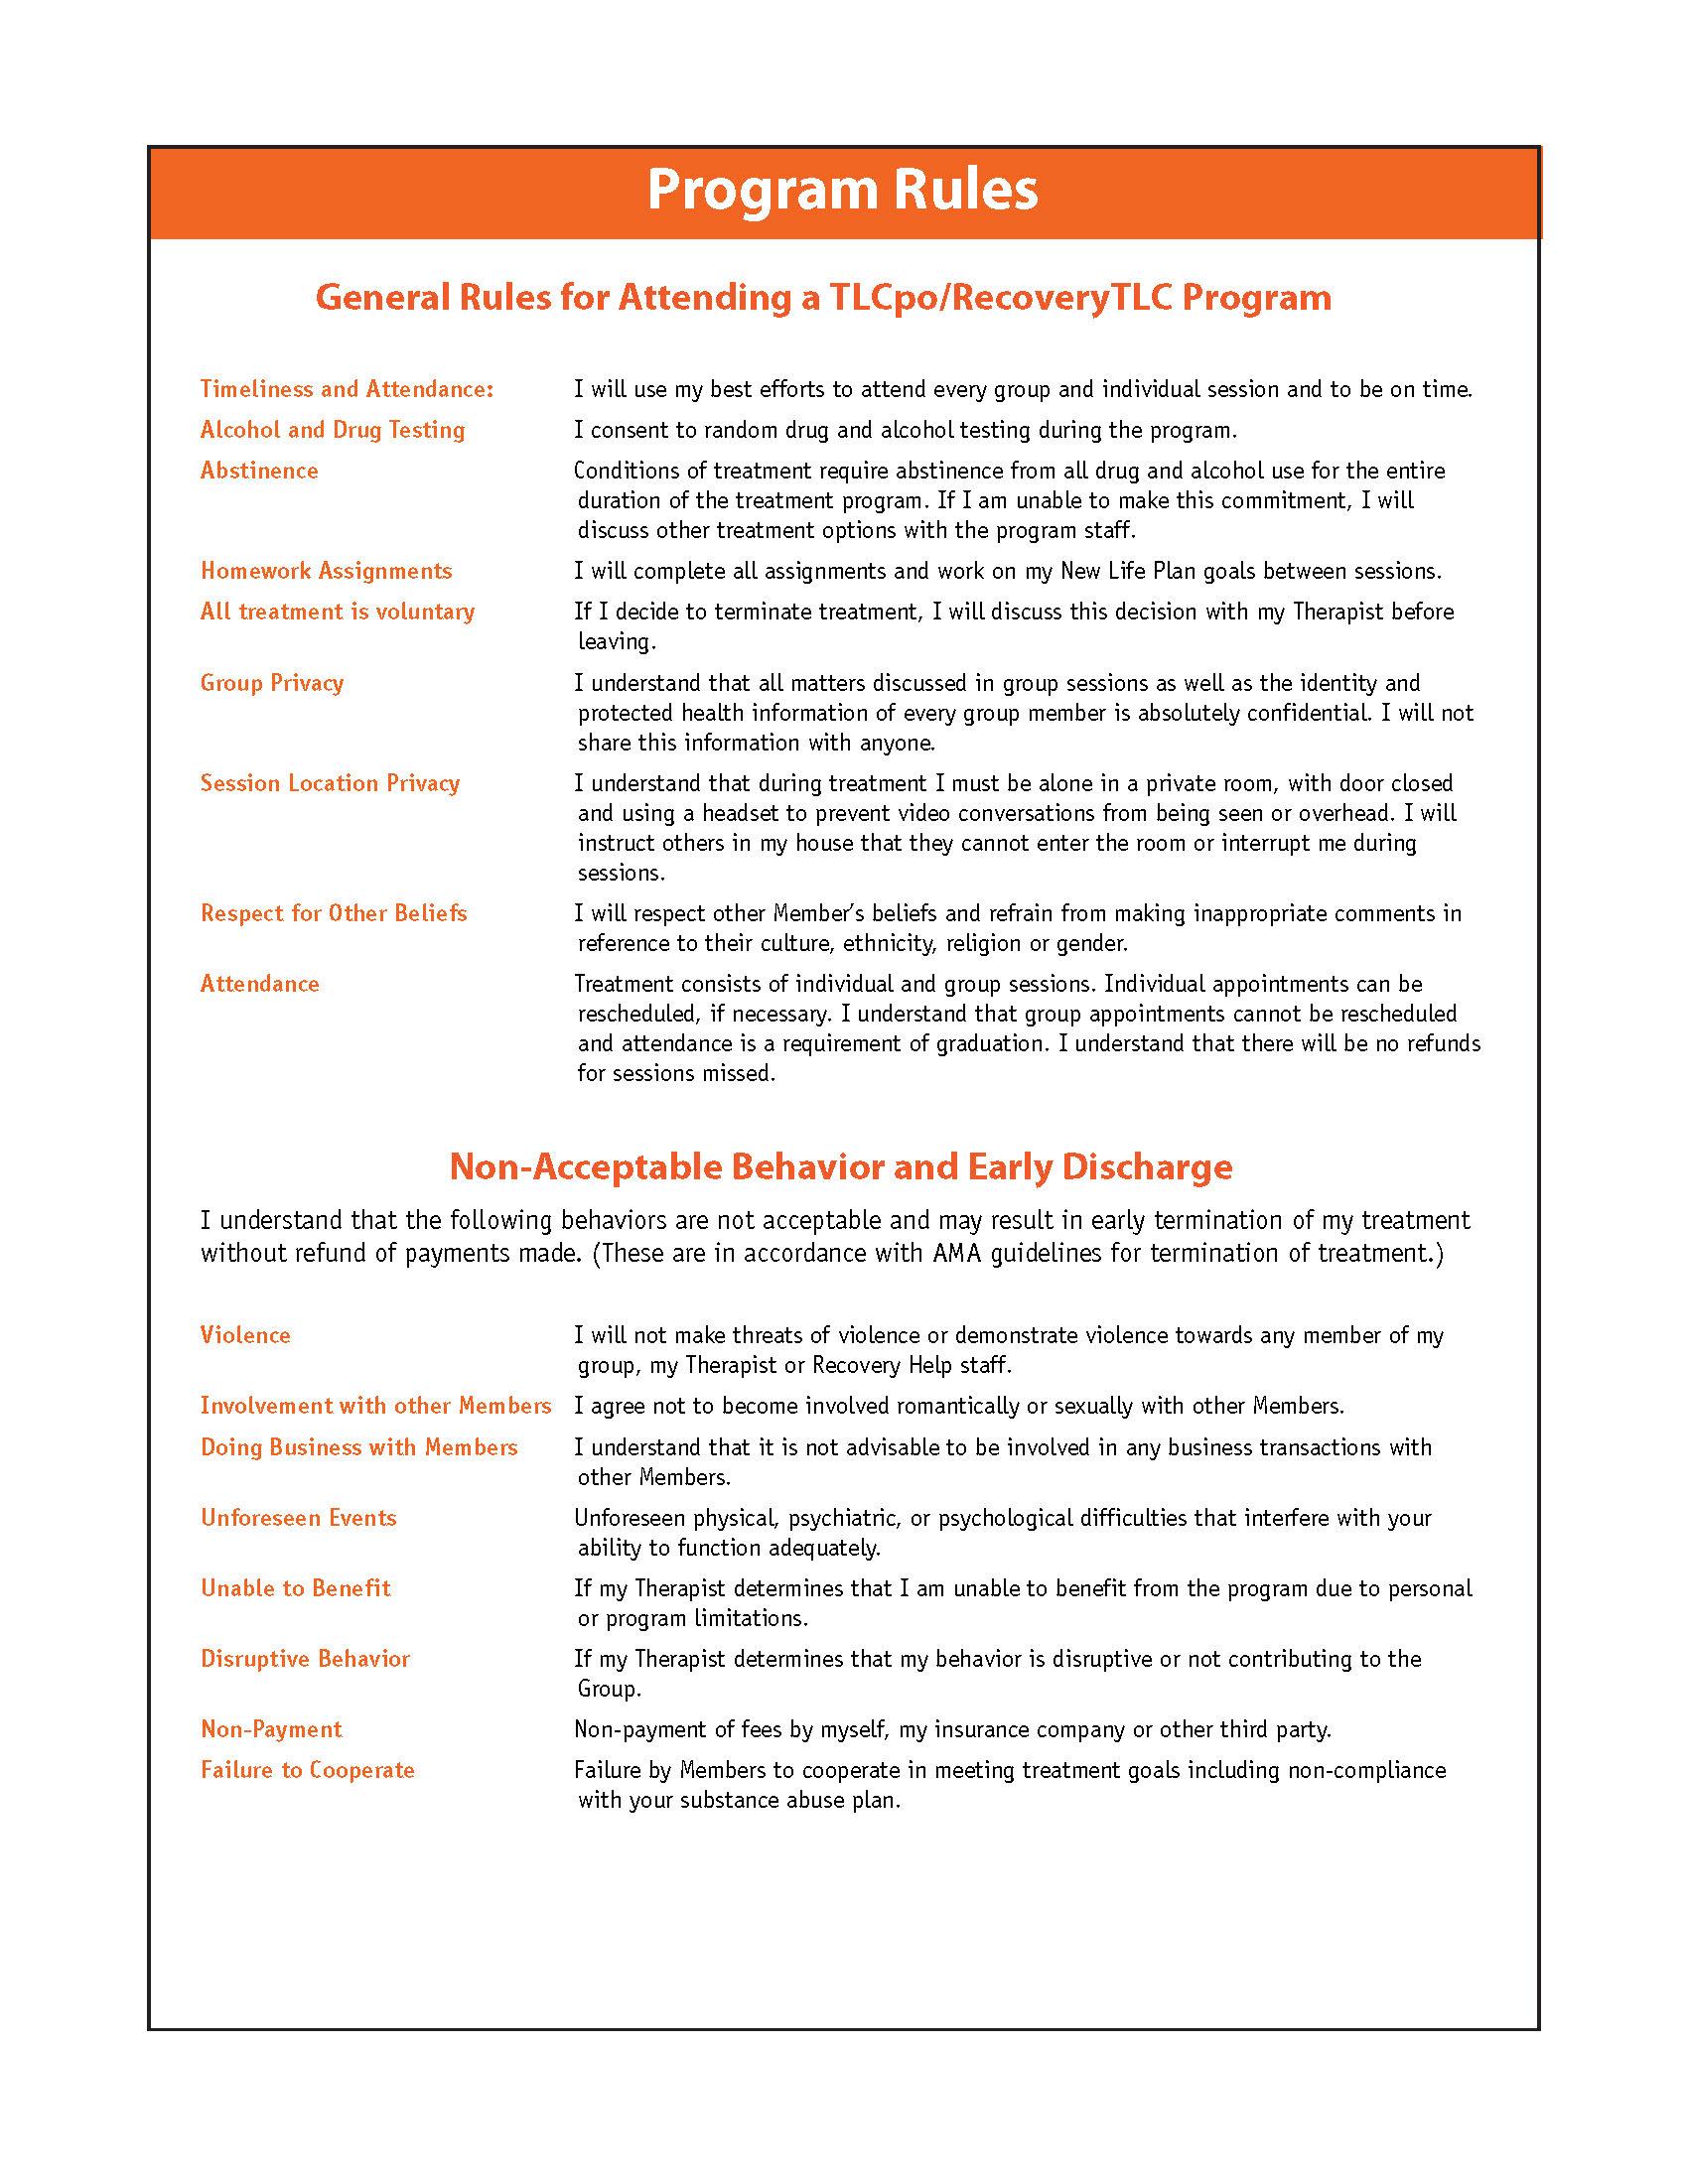 TLC-Program Rules - poster.jpg